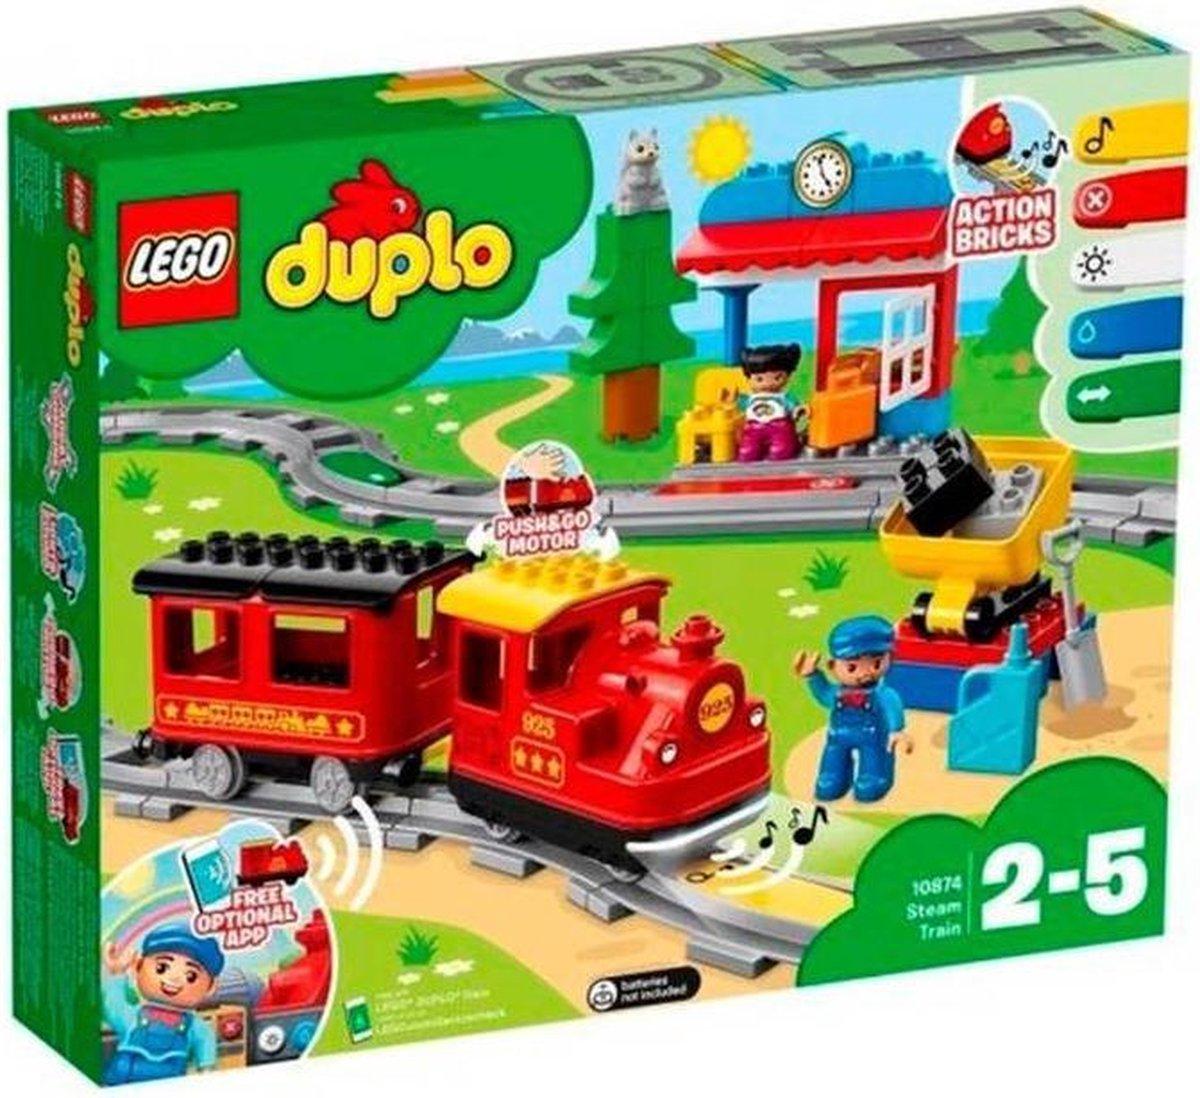 10874 Lego Duplo Stoomtrein